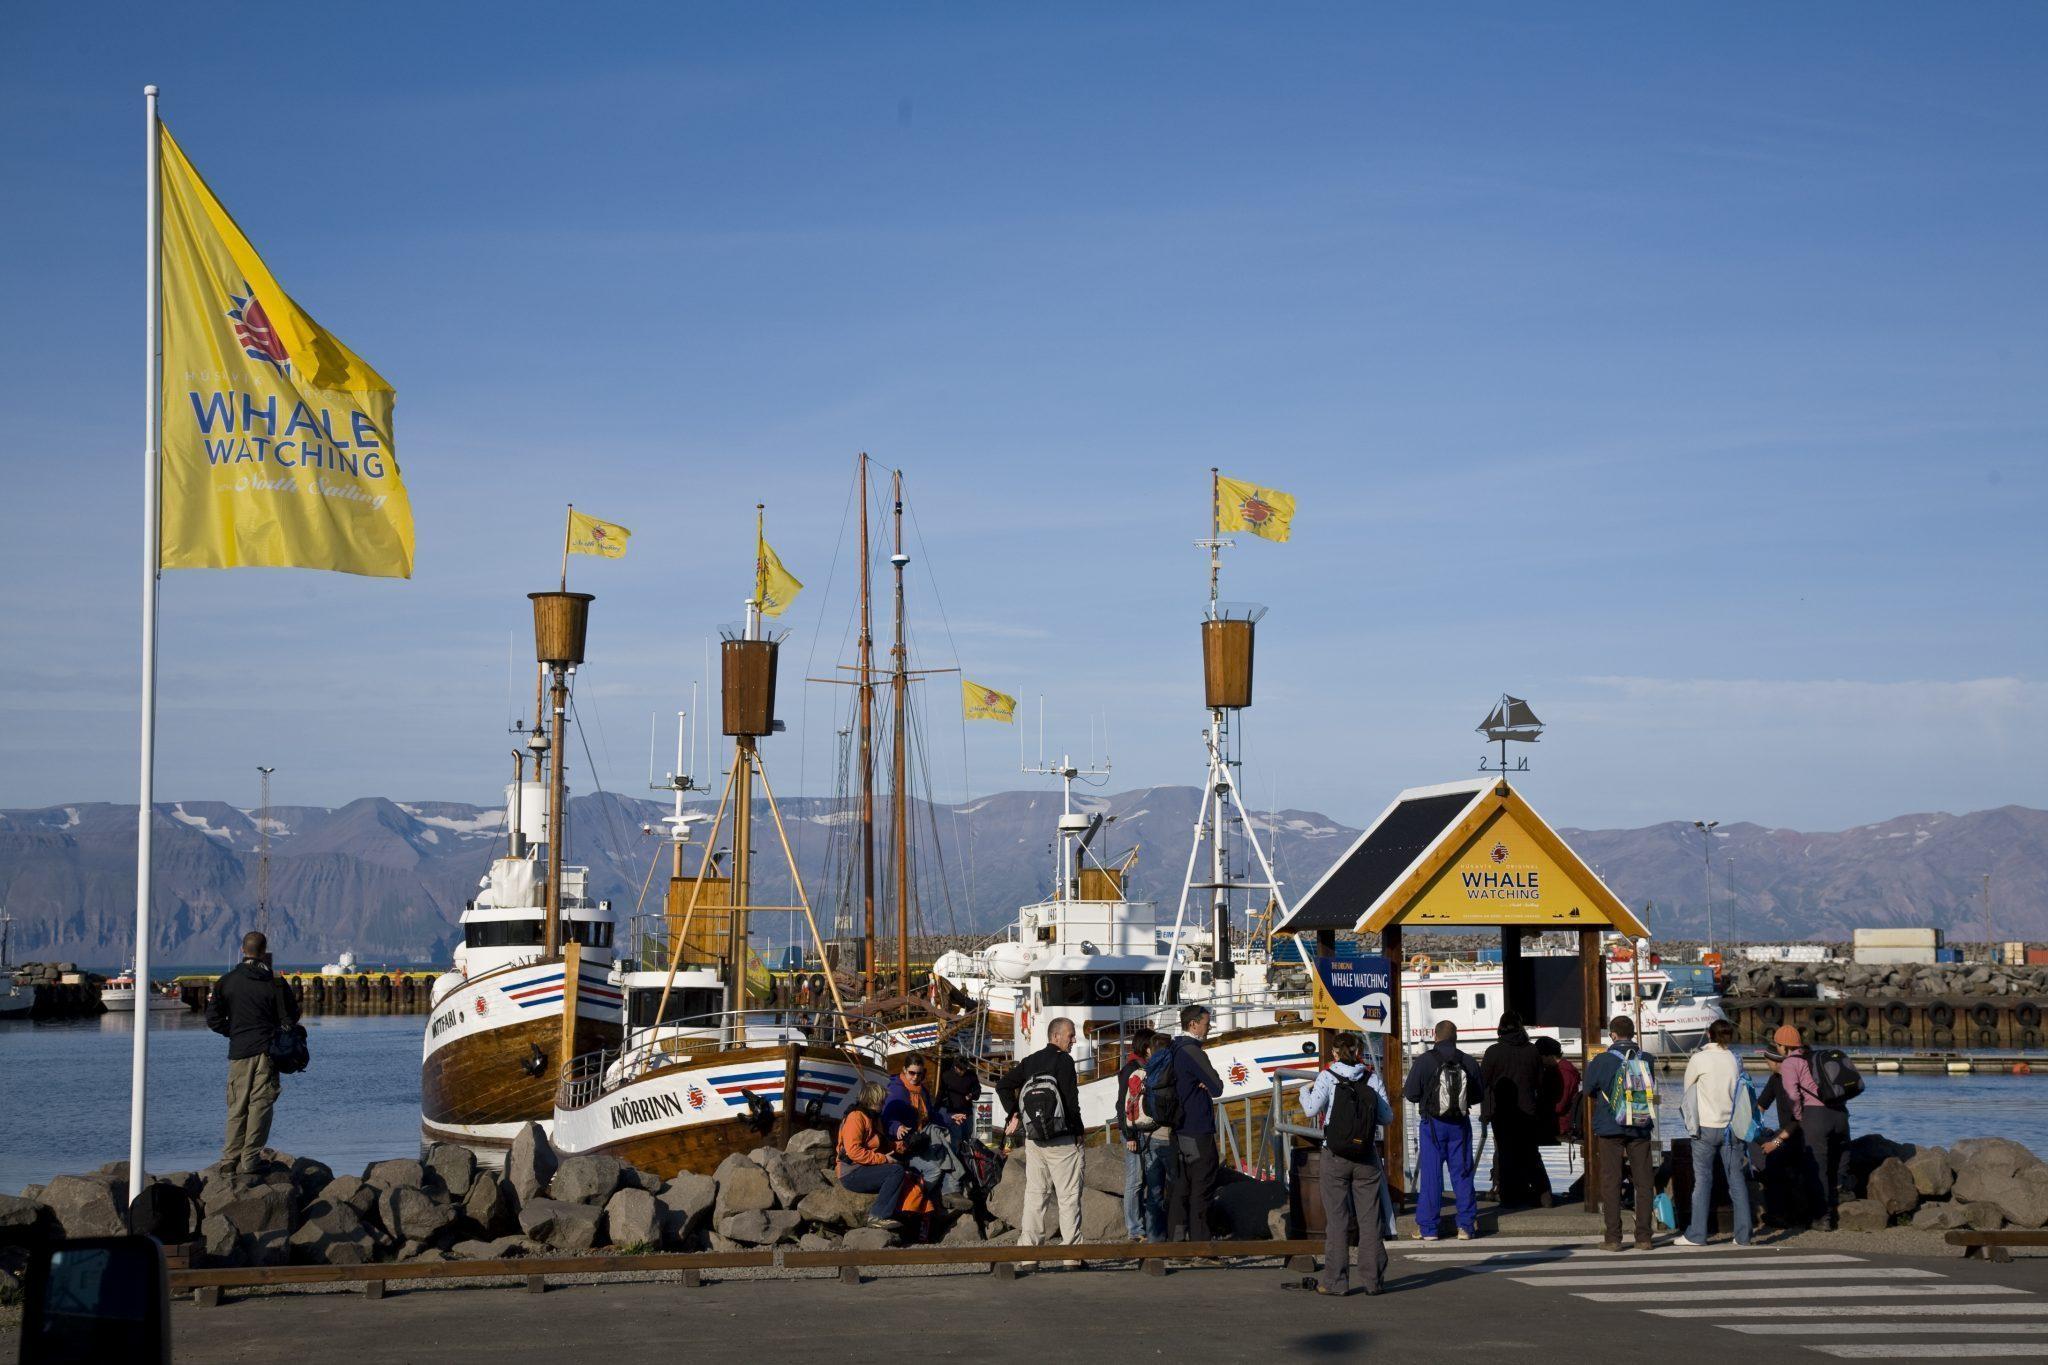 North Sailing boarding